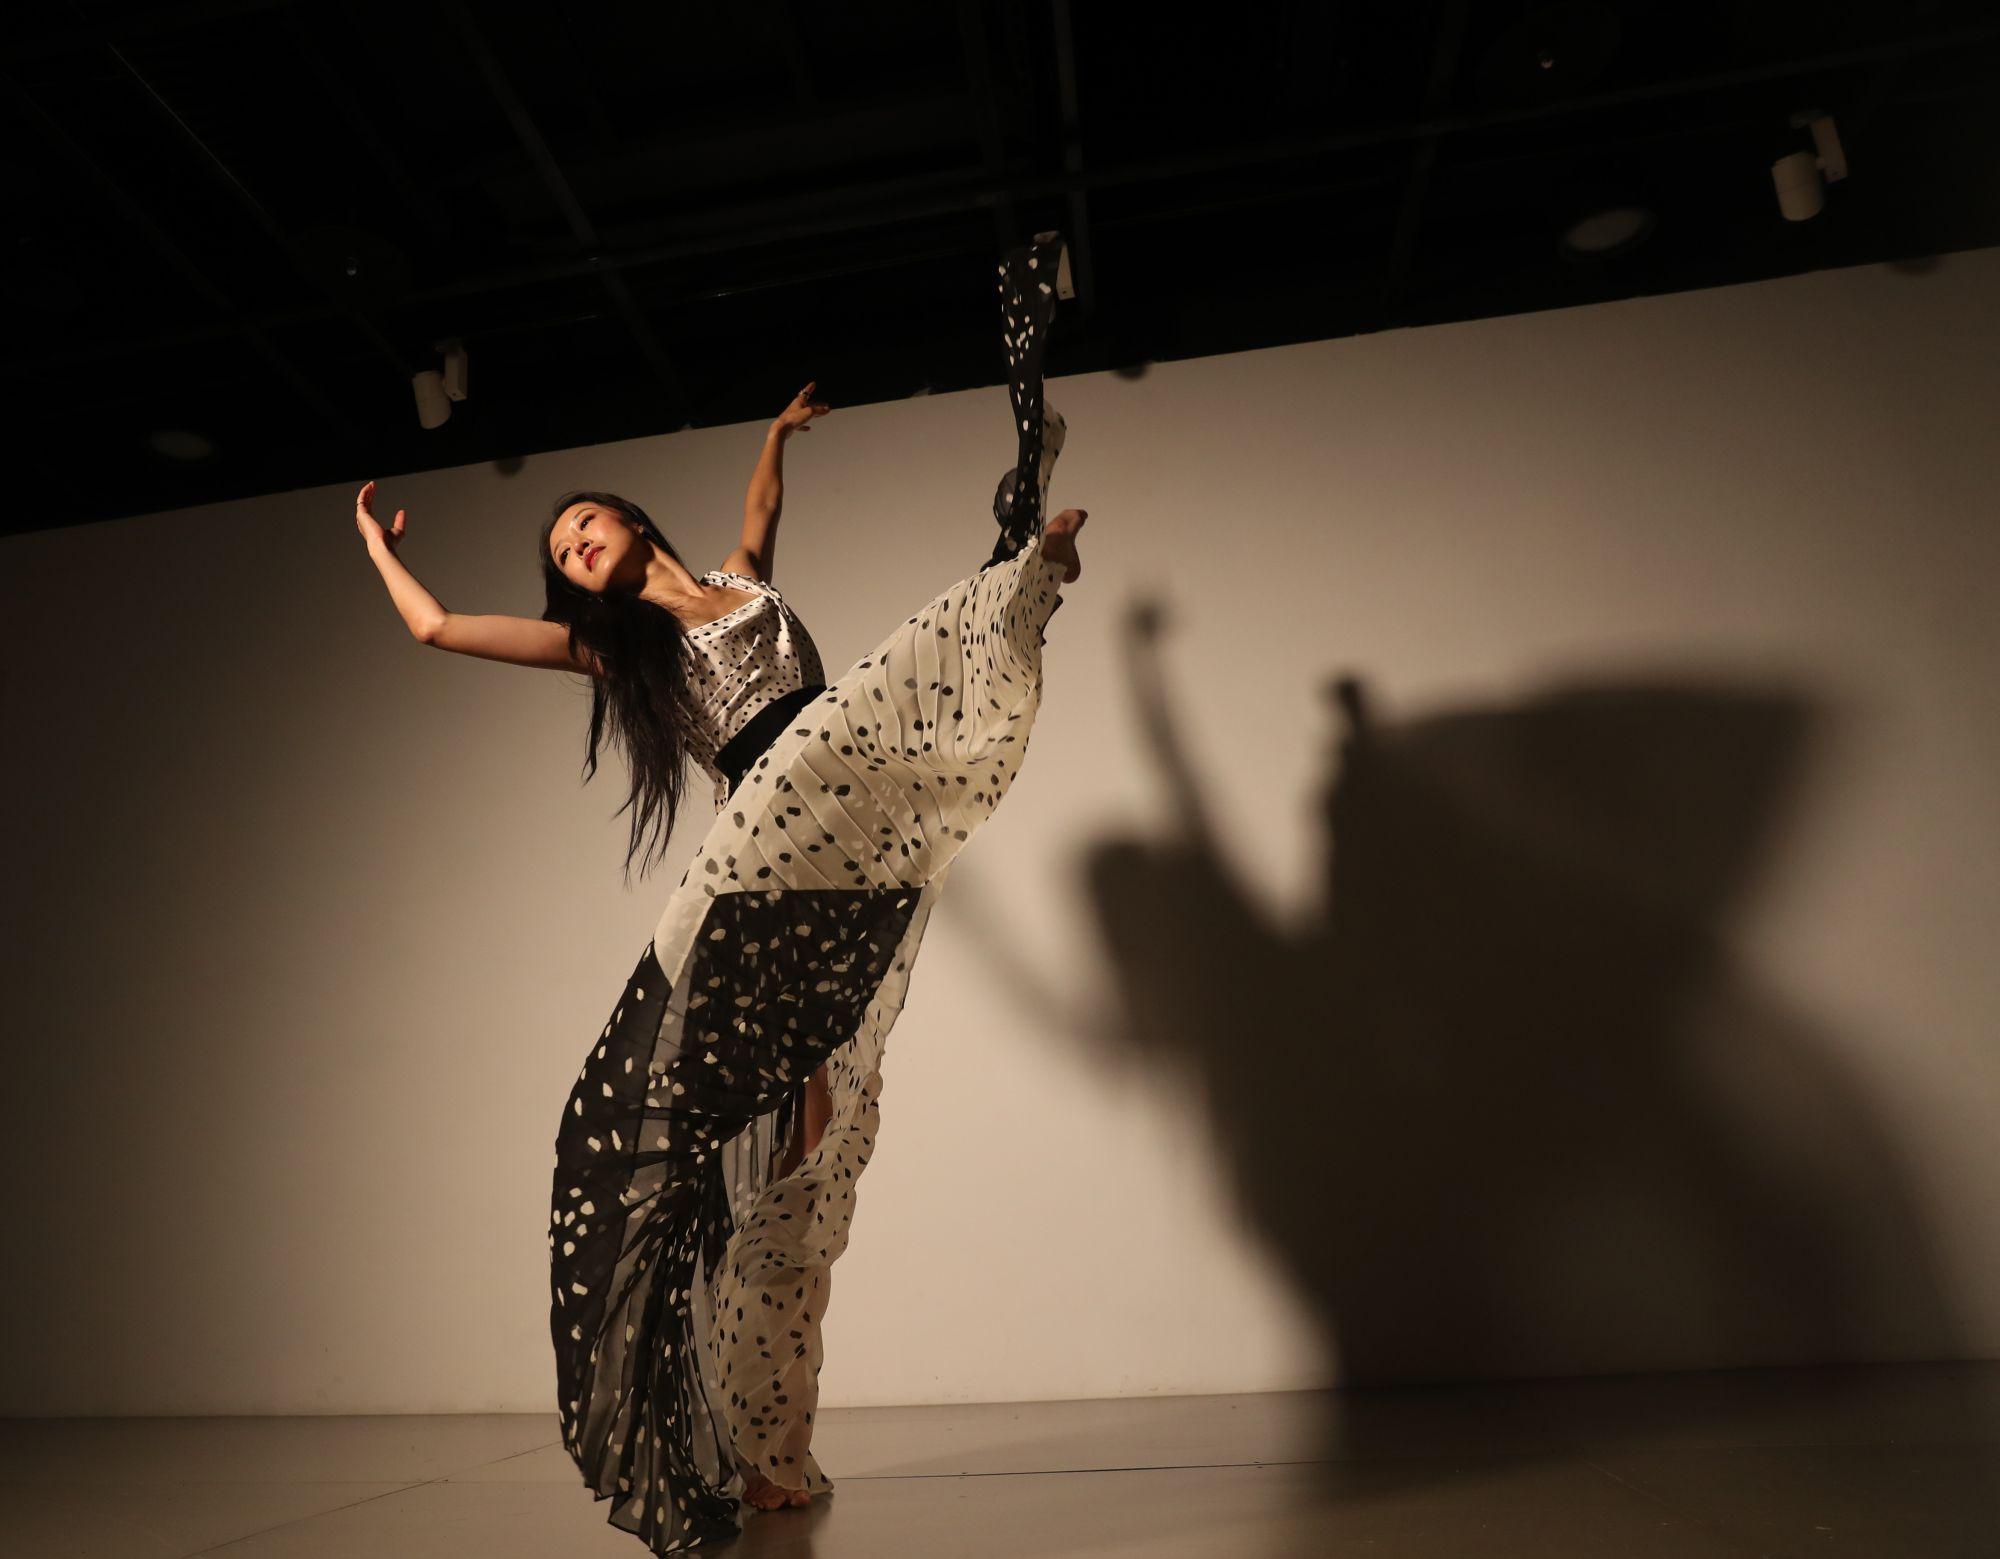 台灣舞蹈家季綾享譽國際,以舞蹈打破藝術疆界、探索多樣化的美學語彙